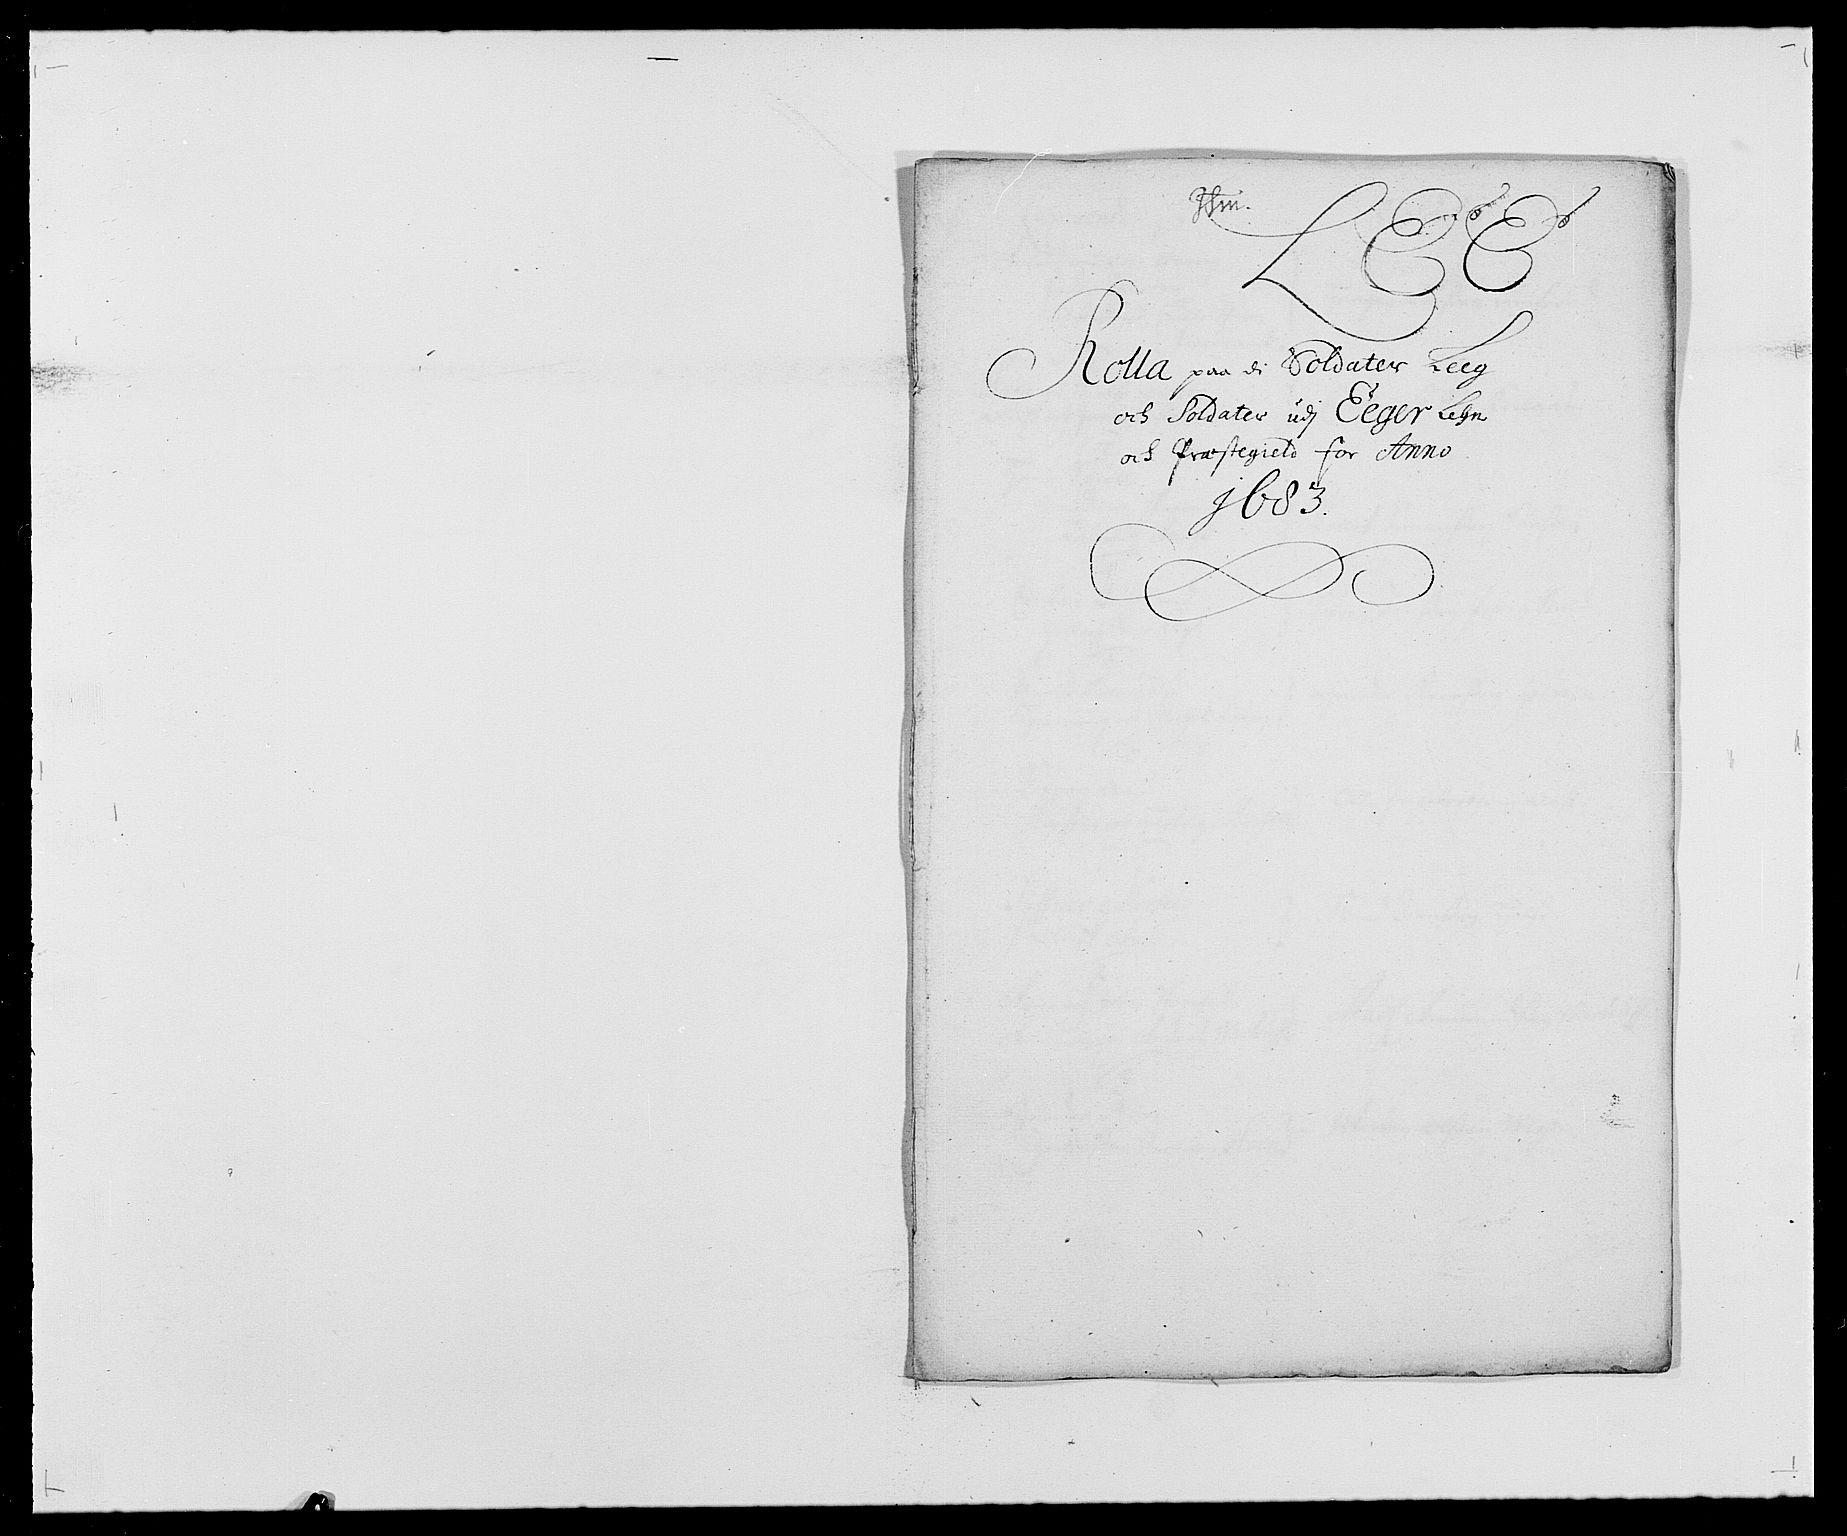 RA, Rentekammeret inntil 1814, Reviderte regnskaper, Fogderegnskap, R26/L1684: Fogderegnskap Eiker, 1679-1686, s. 386